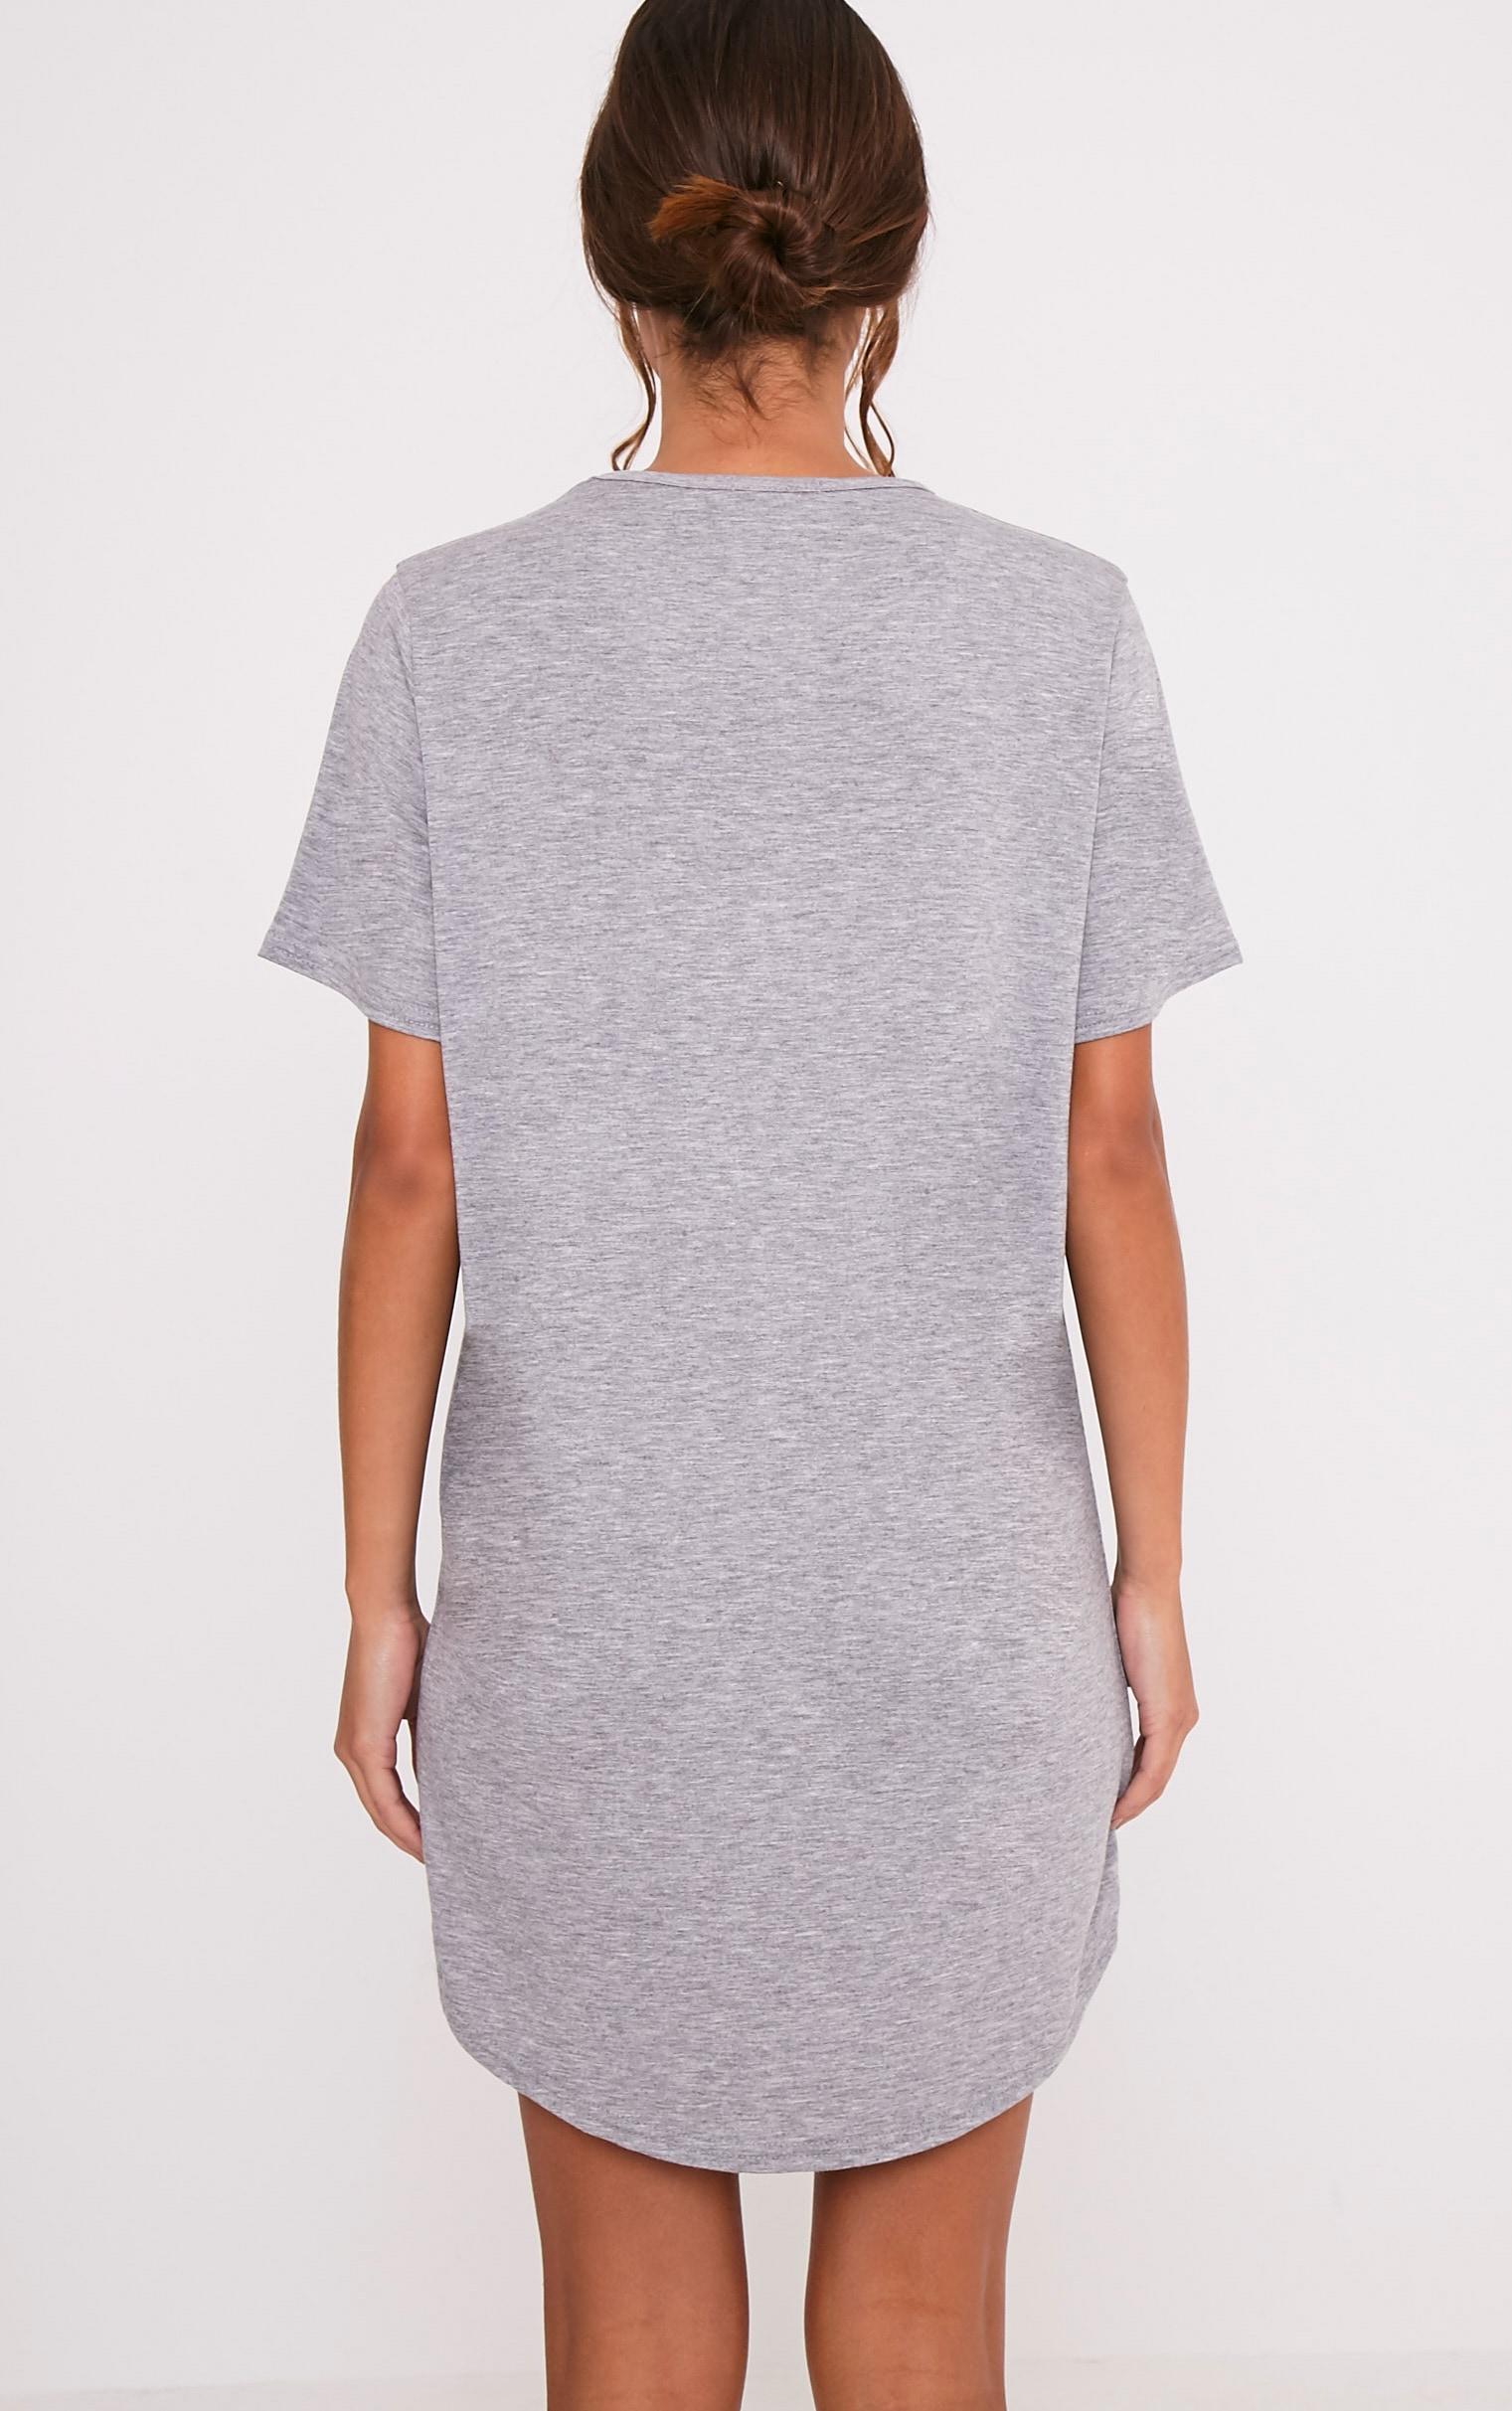 Chemise de nuit surdimensionnée grise à slogan Bridesmaid. 2